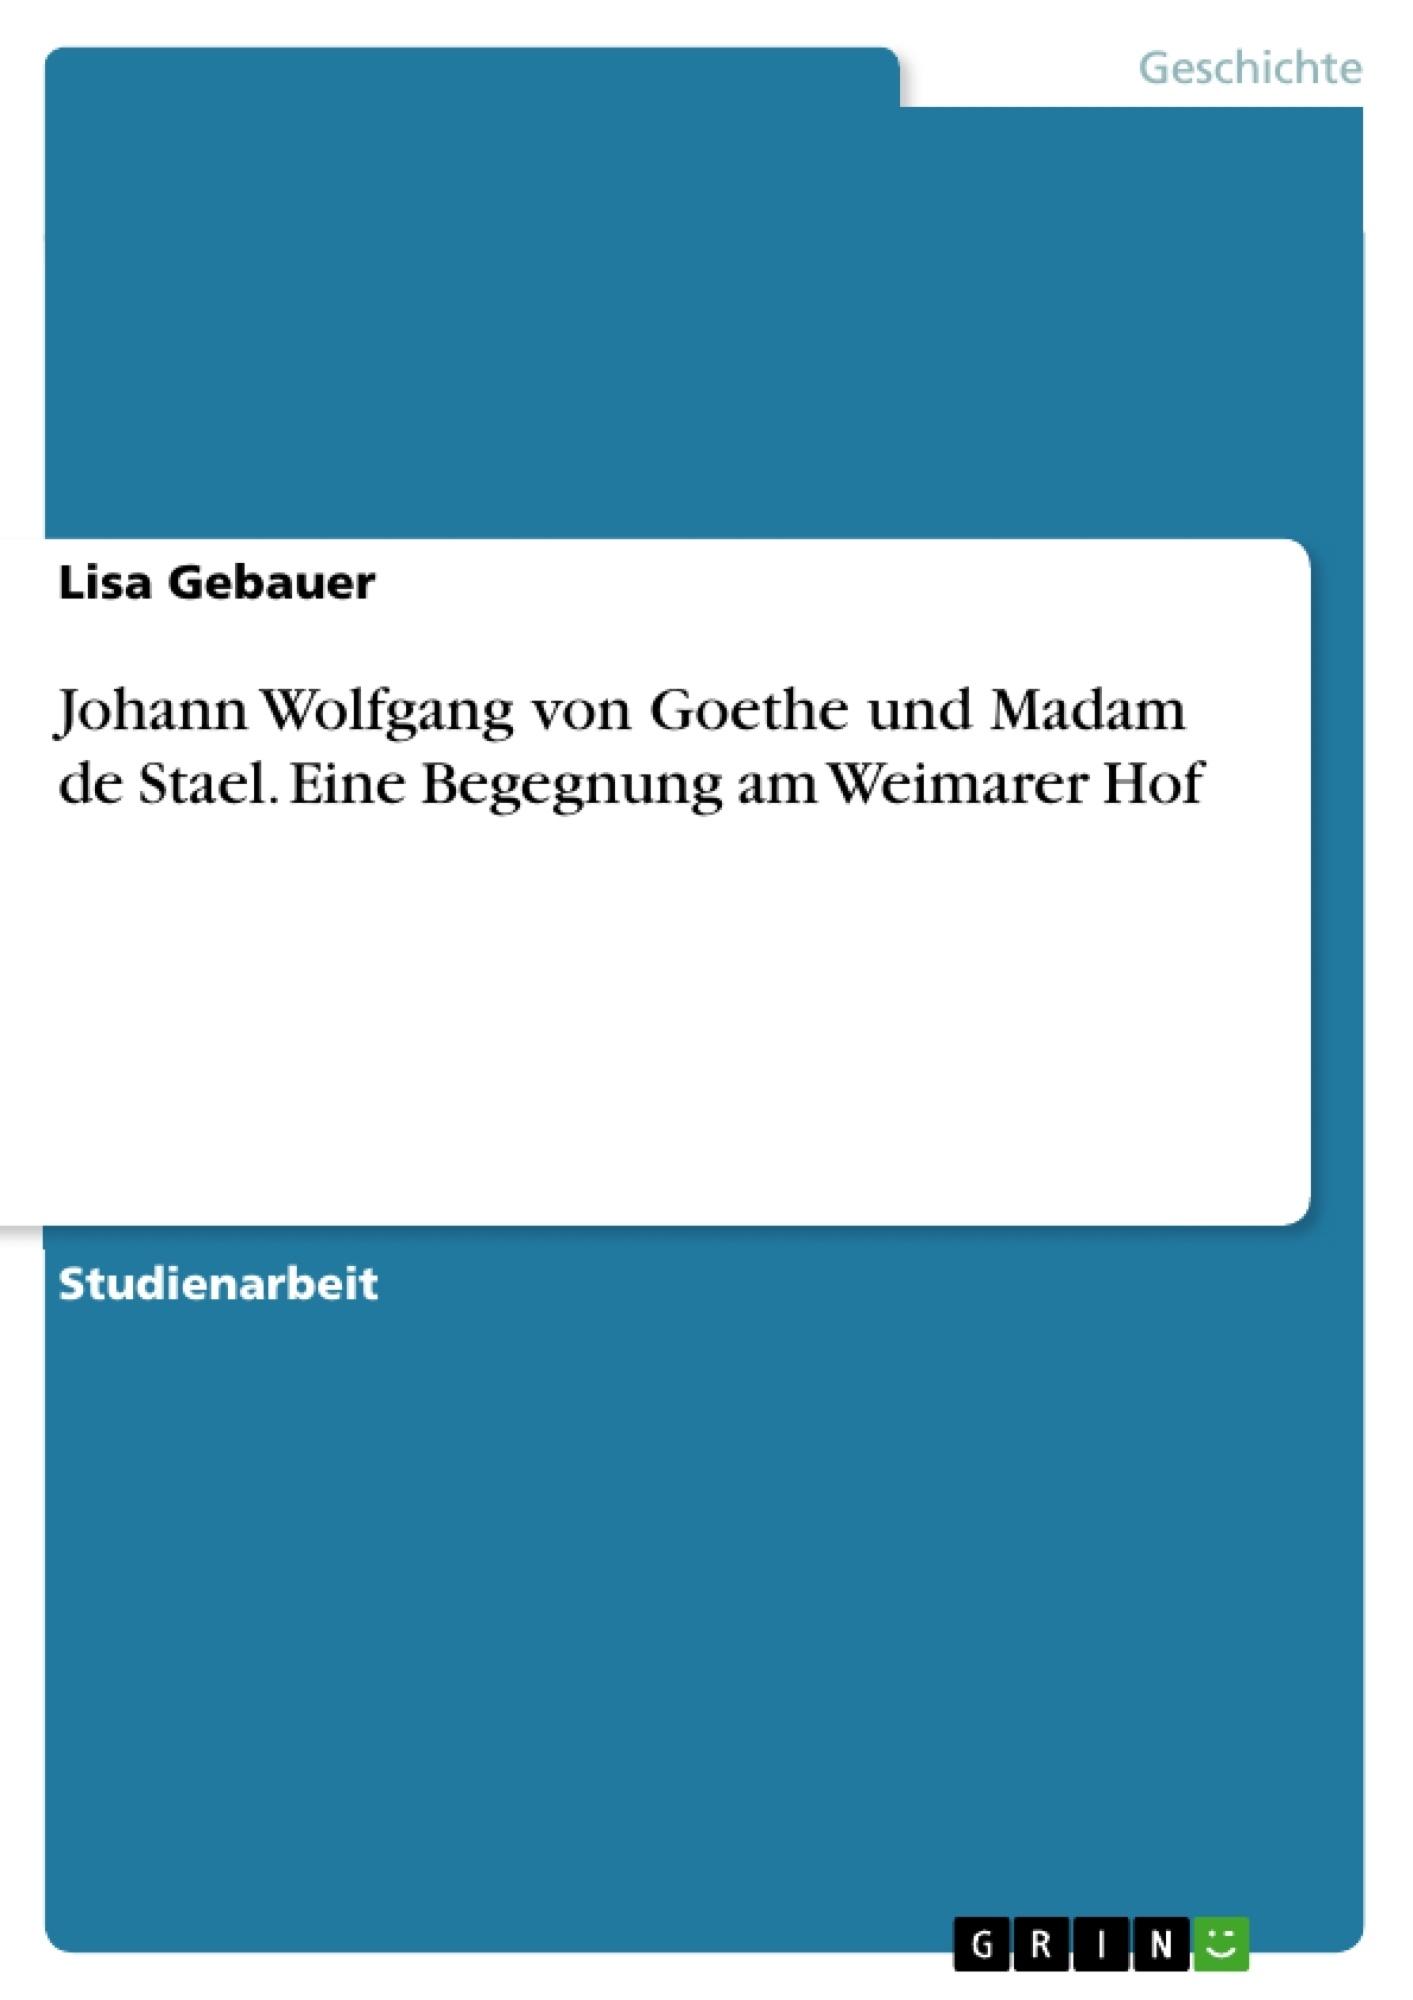 Titel: Johann Wolfgang von Goethe und Madam de Stael. Eine Begegnung am Weimarer Hof